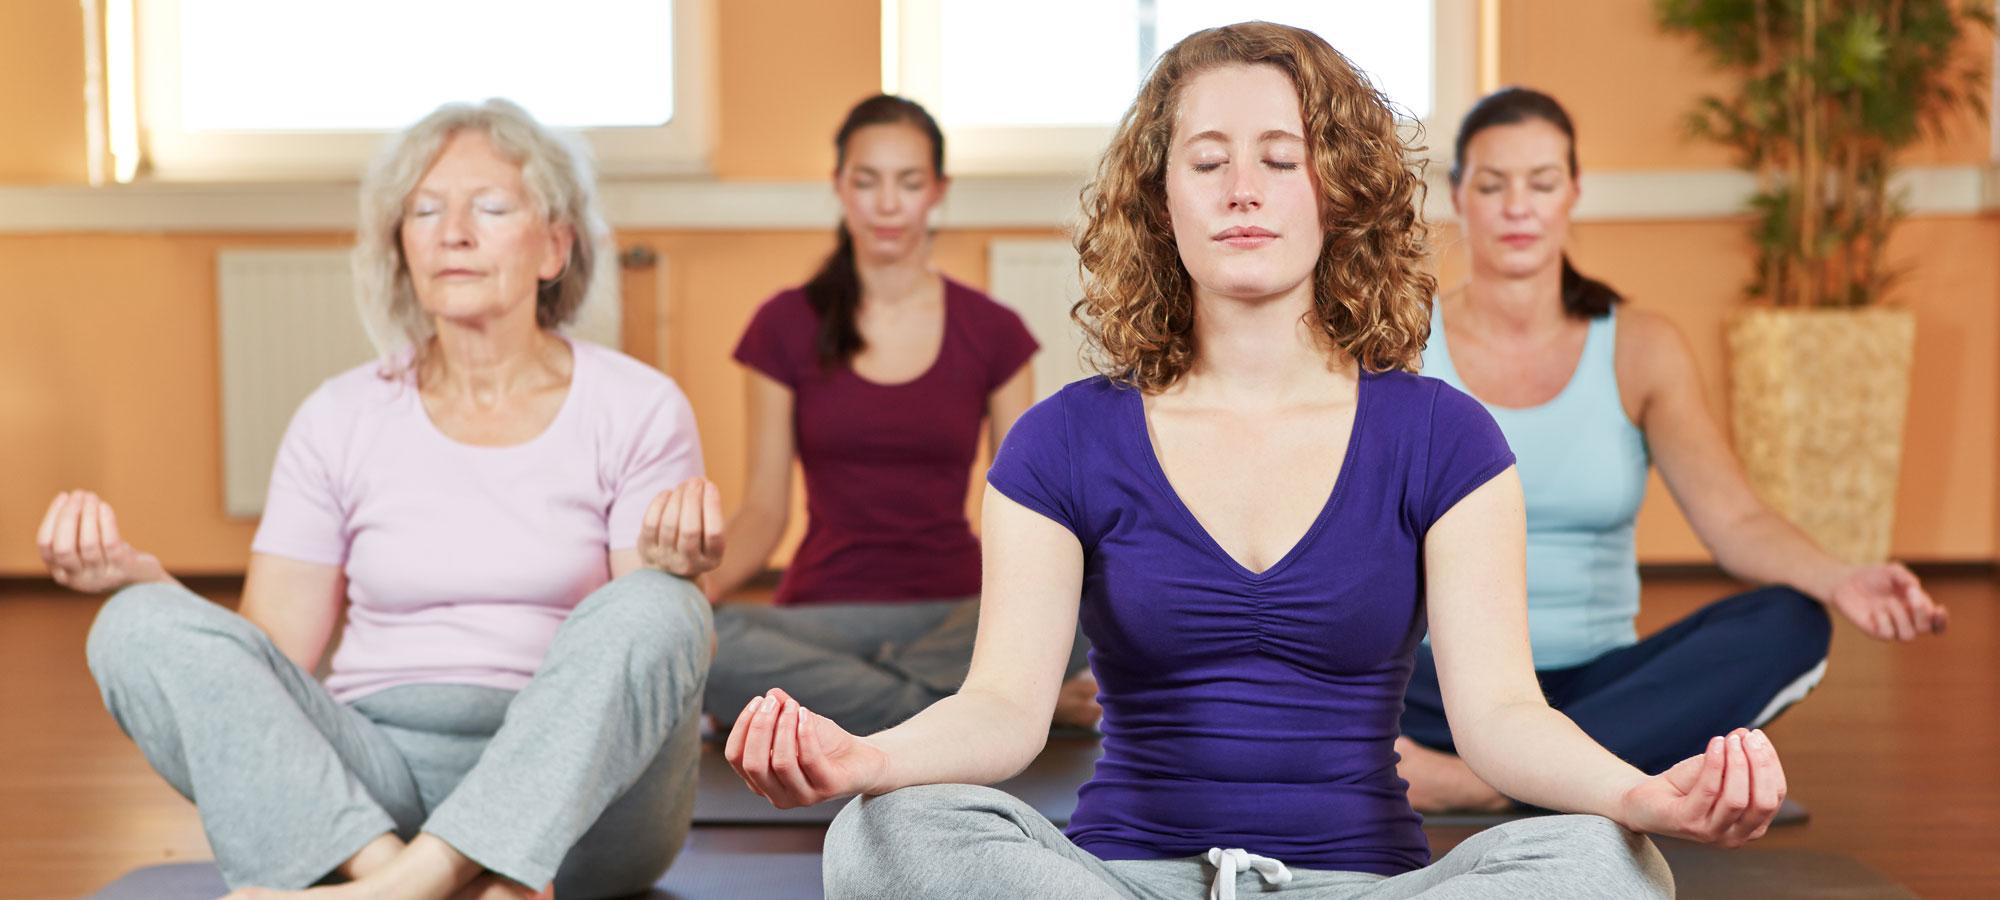 Frauen beim Yoga indoor, © shutterstock (Robert Kneschke)